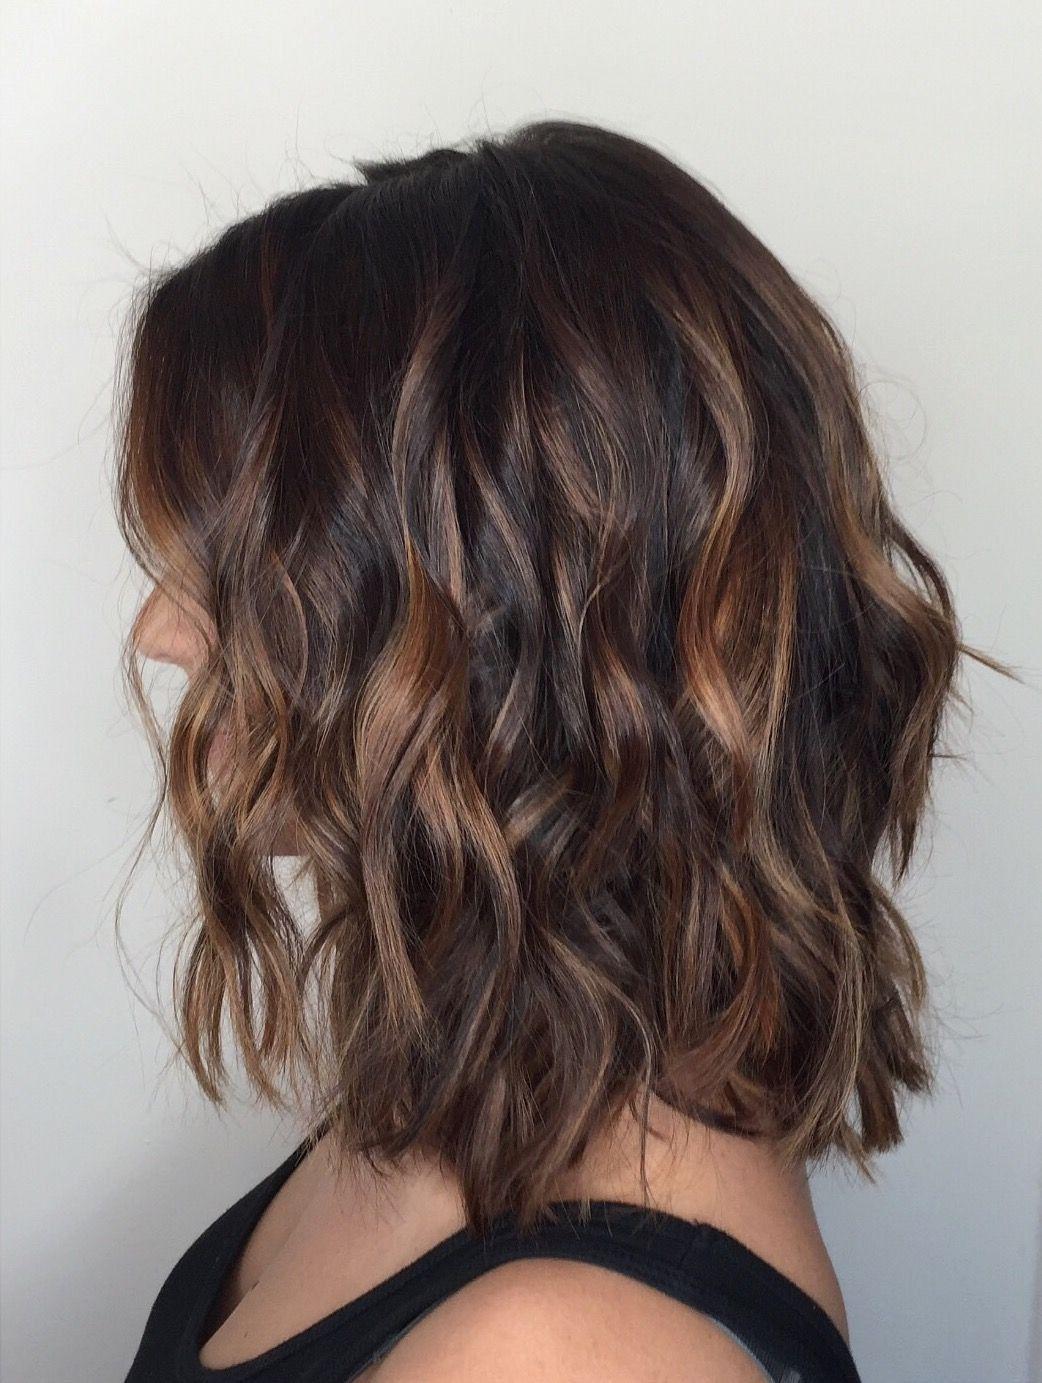 20 Kurze Brunette Frisuren Fur Einen Tollen Look Frisuren 2019 Neue Haarschnitte Und Haarfarben In 2020 Short Hair Balayage Thick Hair Styles Short Hair Color